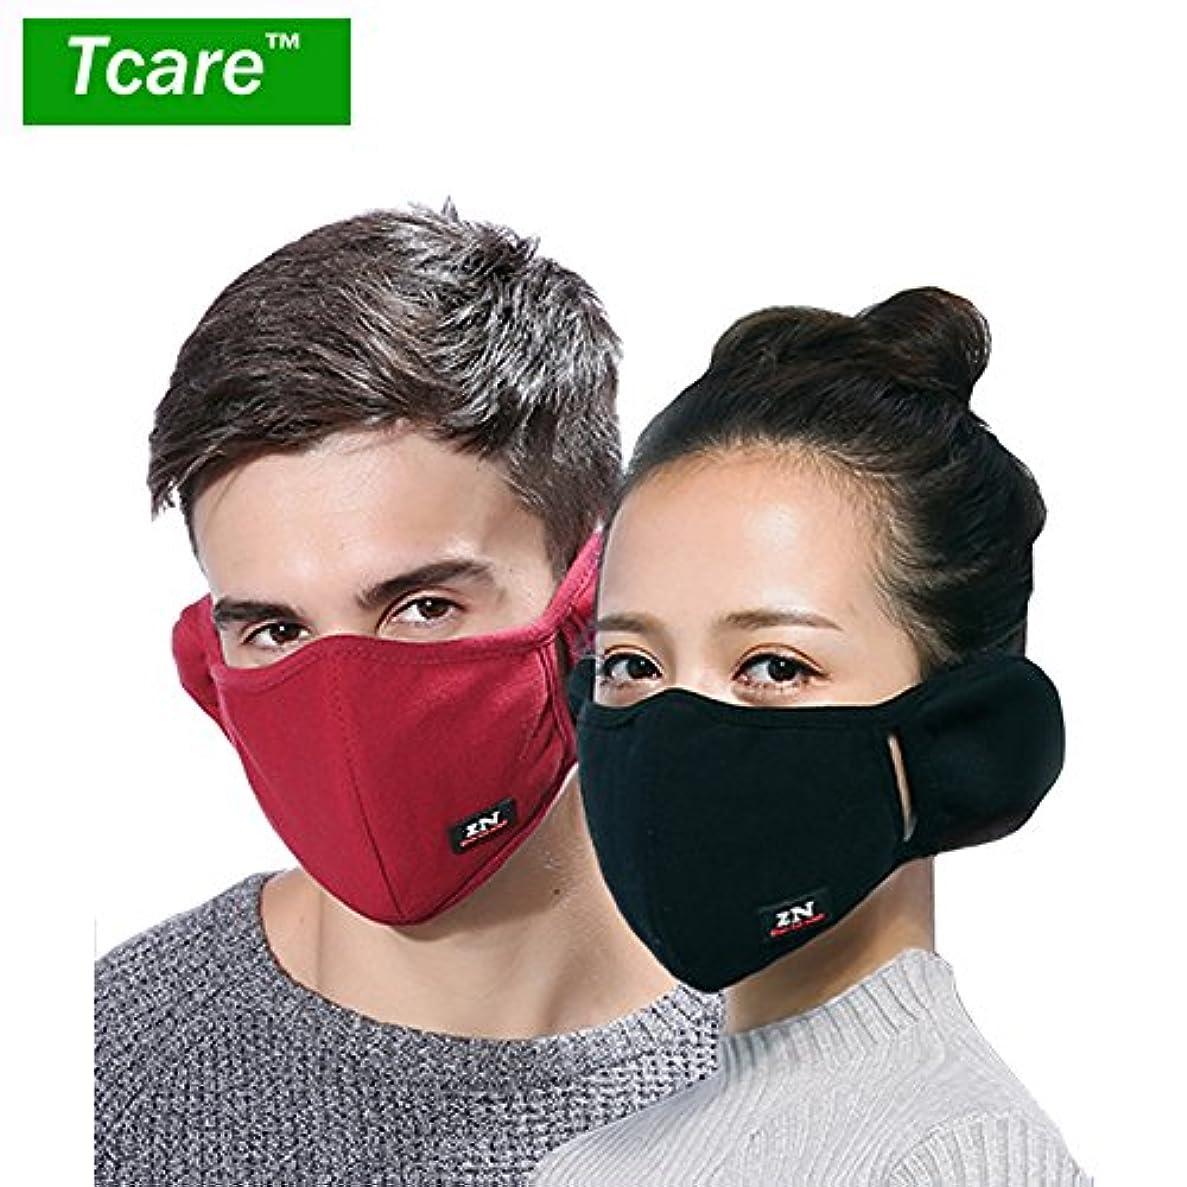 癒すシンボル騒ぎ男性女性の少年少女のためのTcare呼吸器2レイヤピュアコットン保護フィルター挿入口:7ブラック